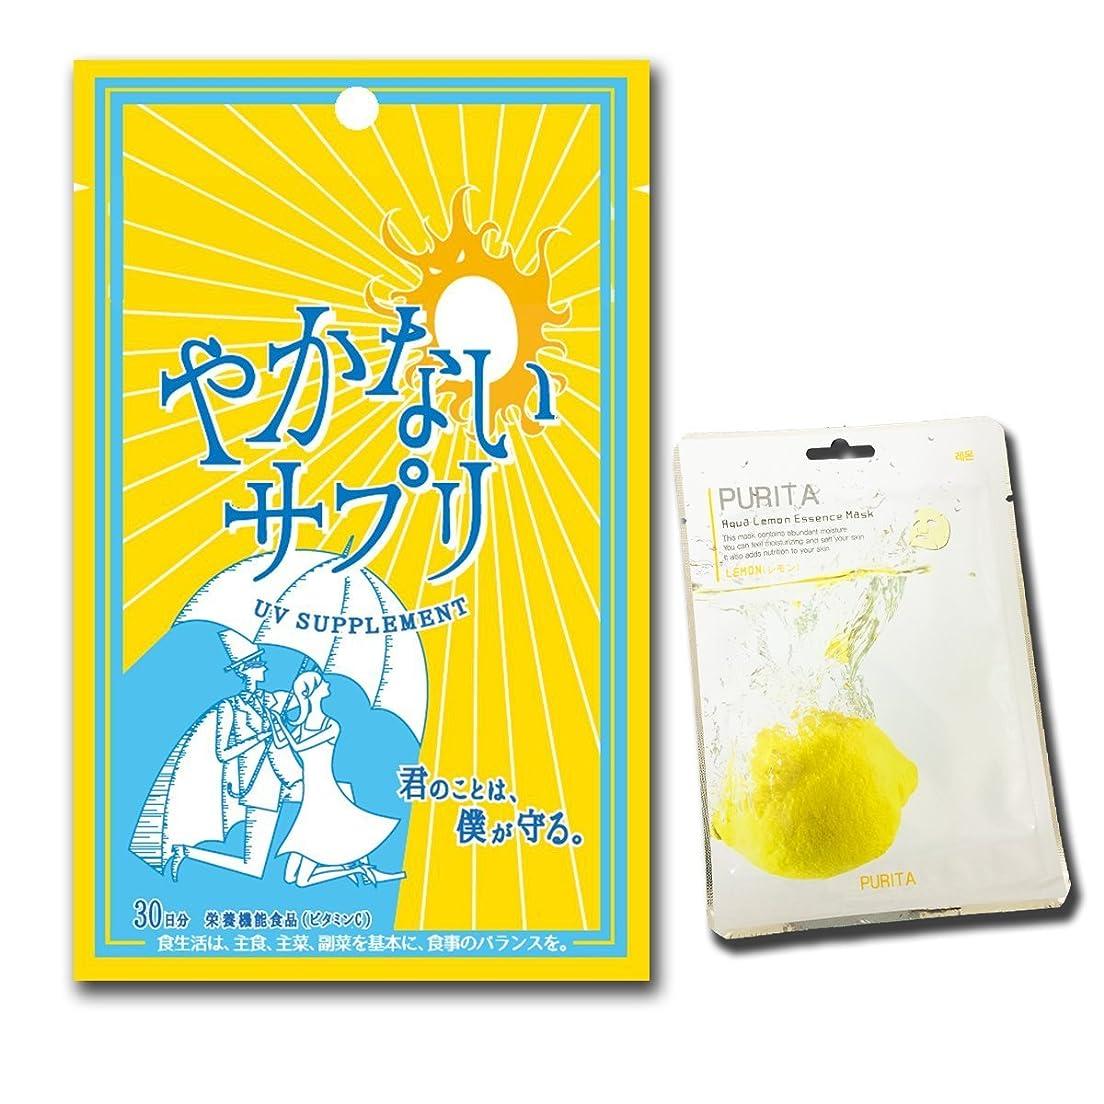 弾力性のある対処いう飲む日焼け止め やかないサプリ 日本製 (30粒/30日分) PURITAフェイスマスク1枚付